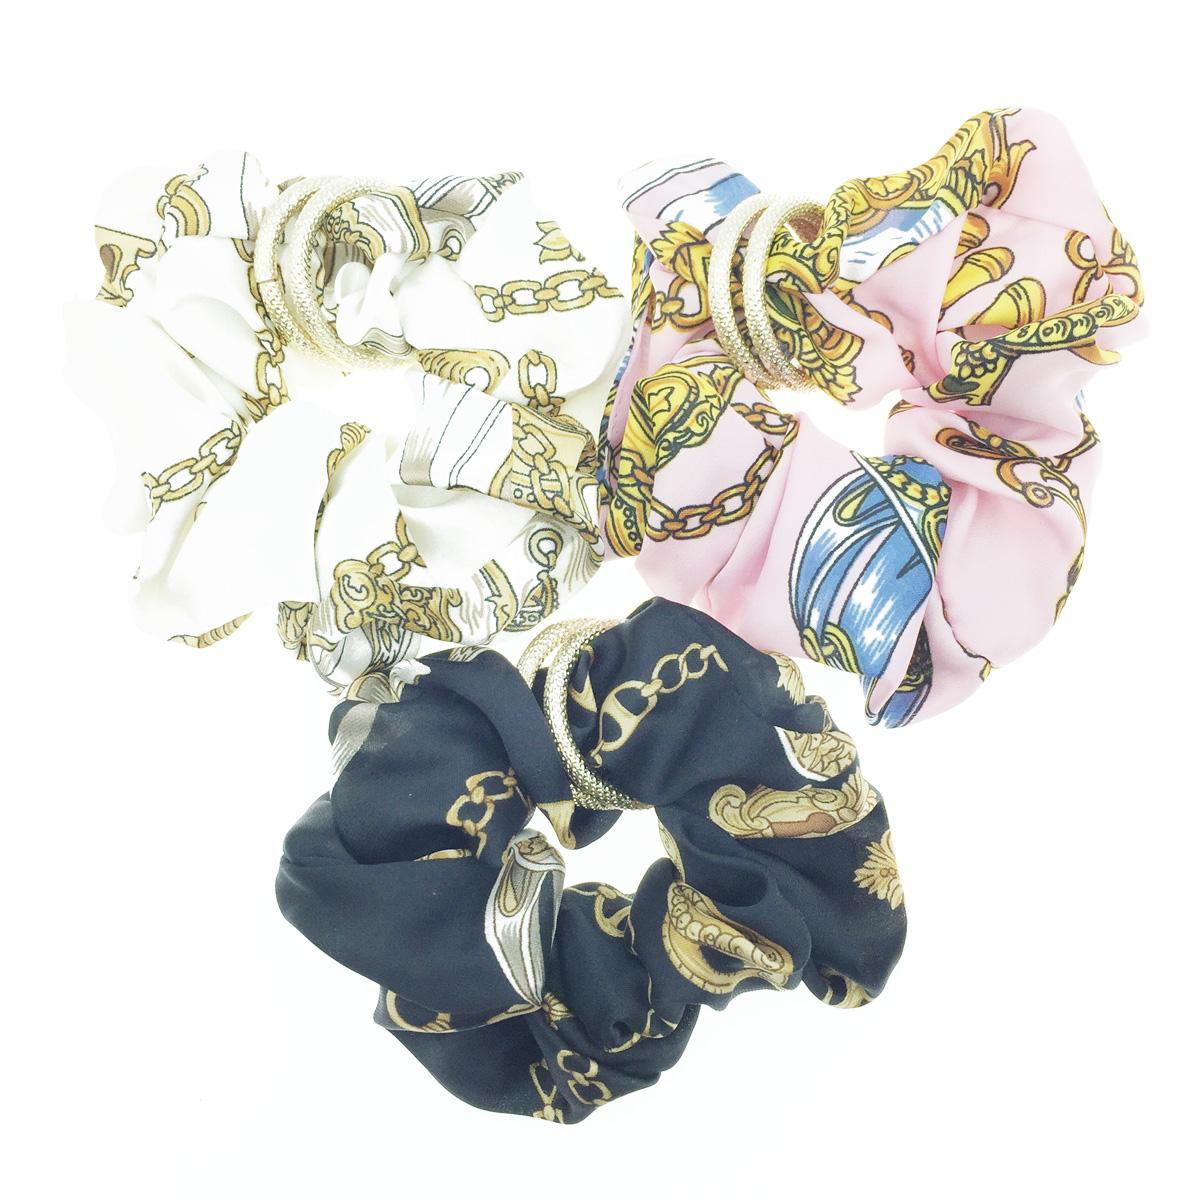 韓國 金色雙環圈 鏈鎖圖騰 3色 髮飾 髮圈 髮束 大腸圈